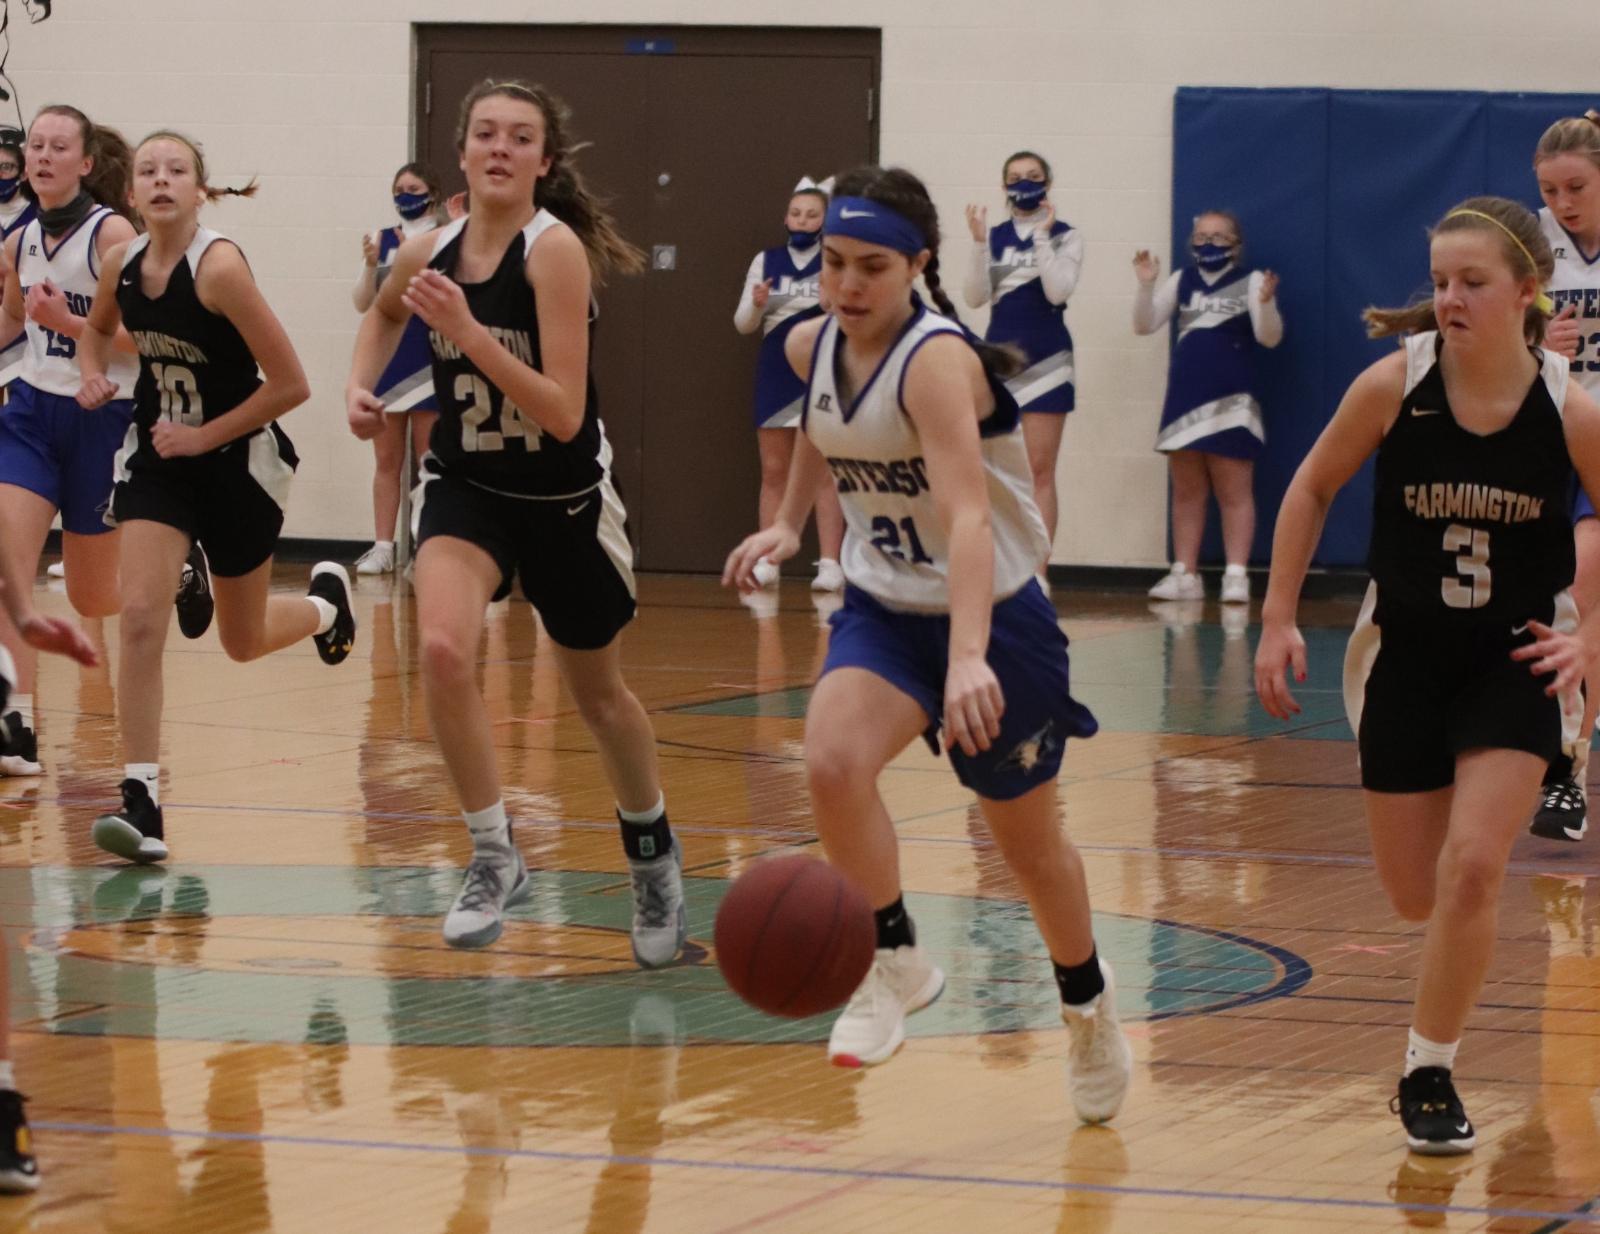 8th Grade Girls' Basketball vs Farmington 12/17/20